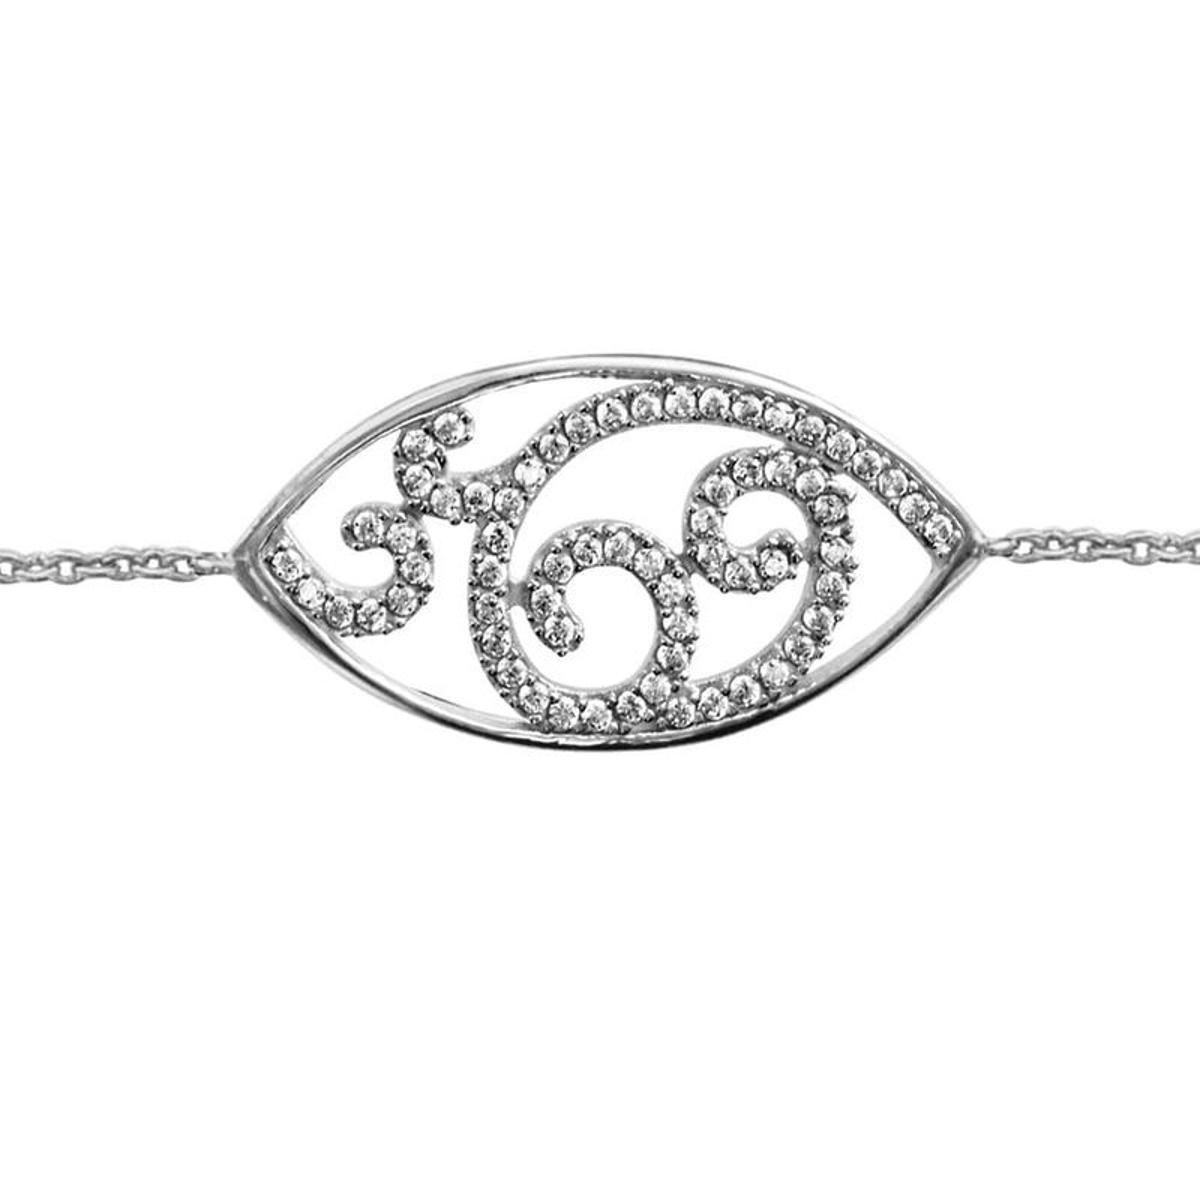 Bracelet Réglable: 16 à 18 cm Forme Amande Argent 925